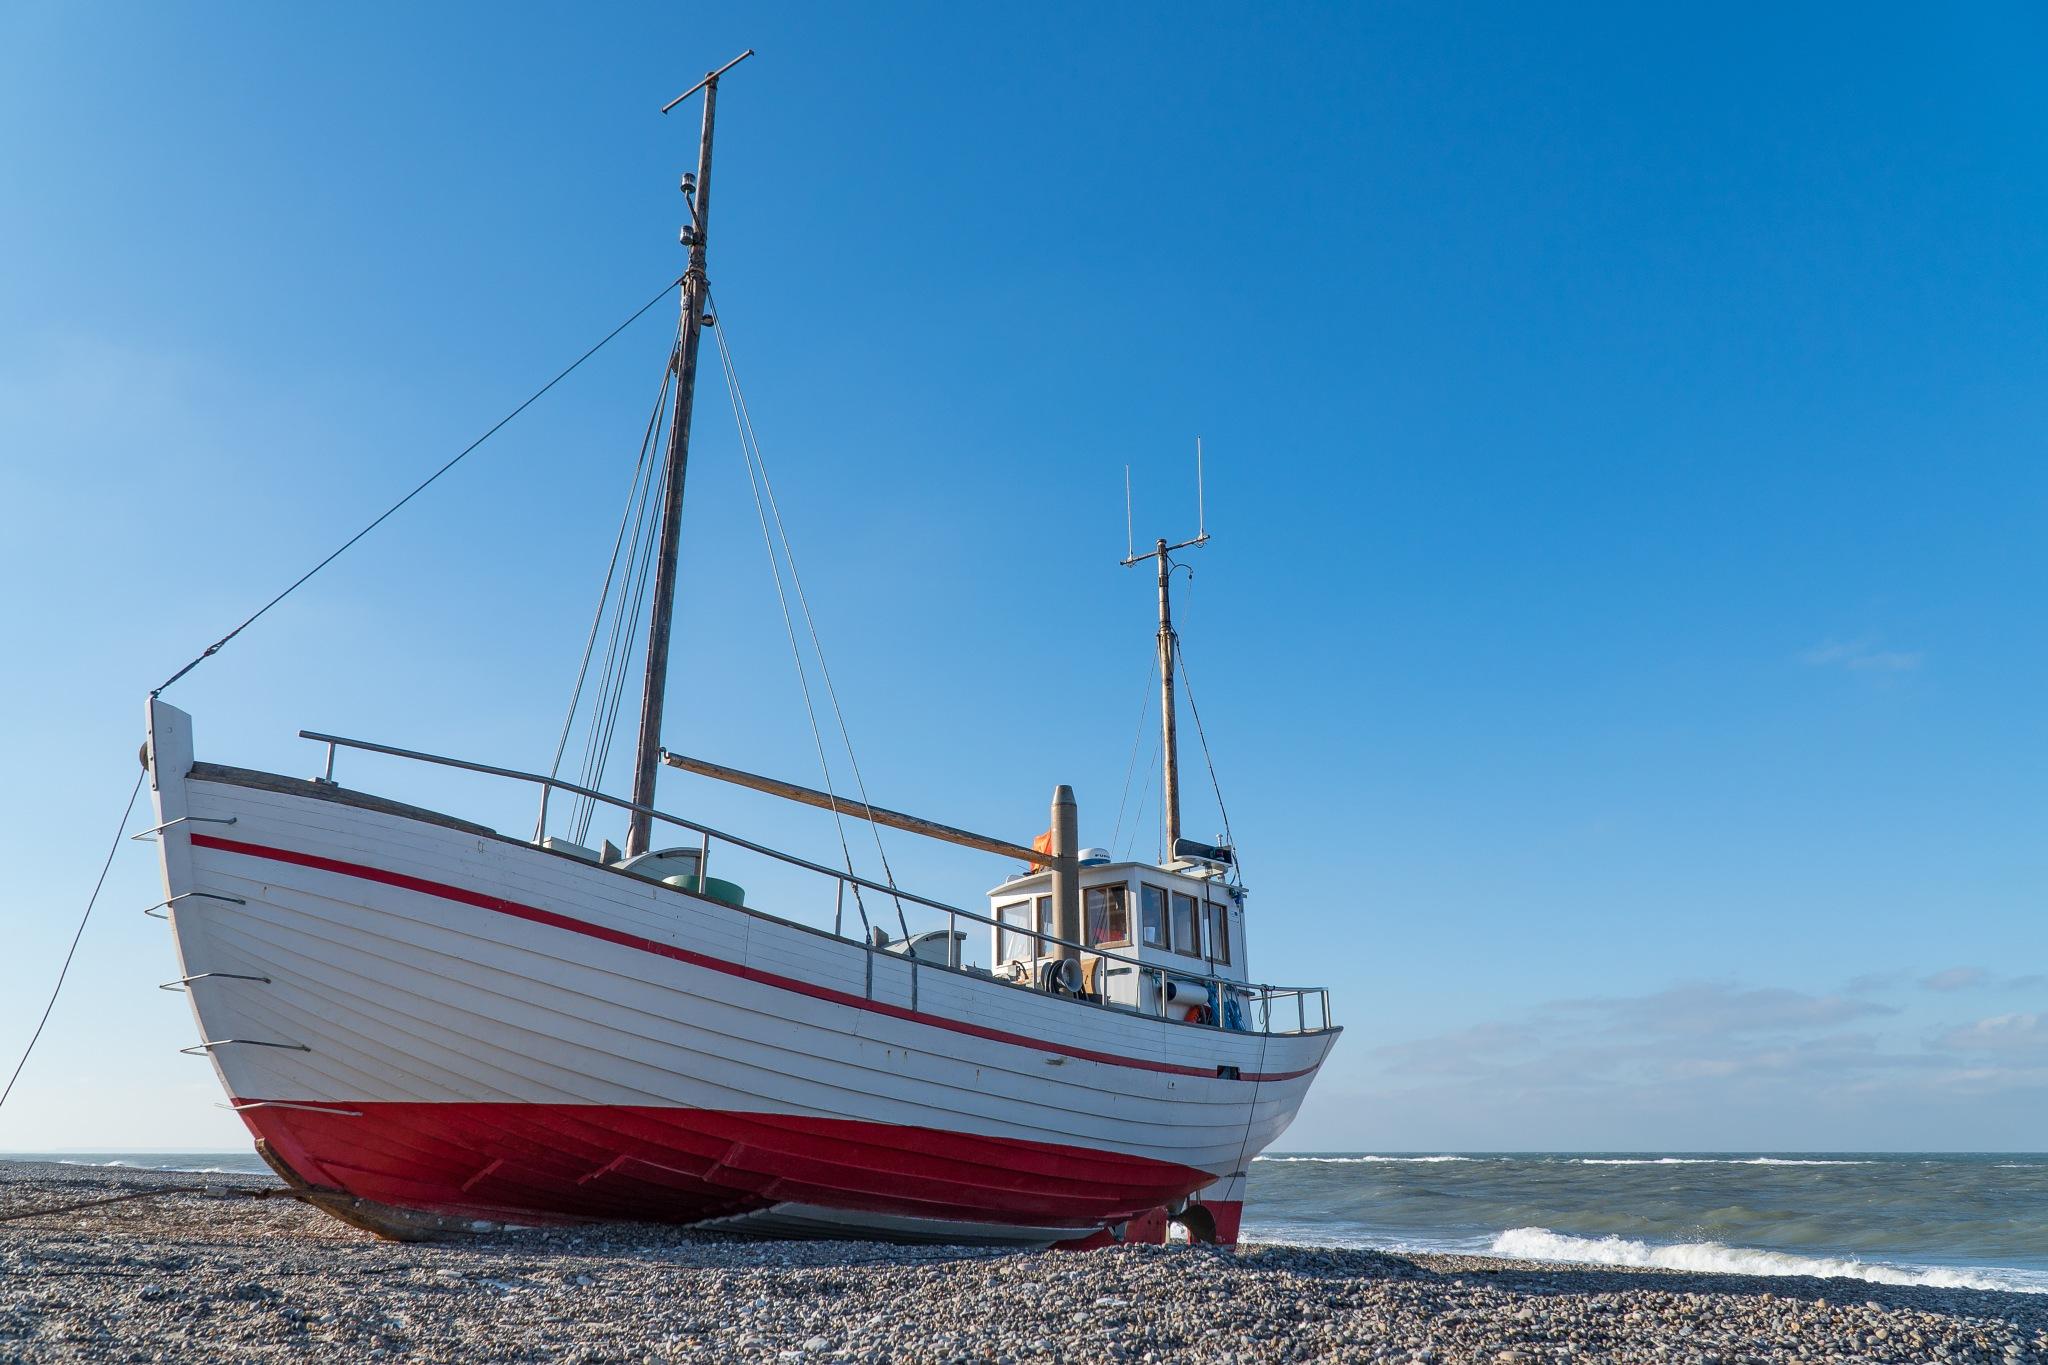 Danish coastal fishing boat by Per Borring